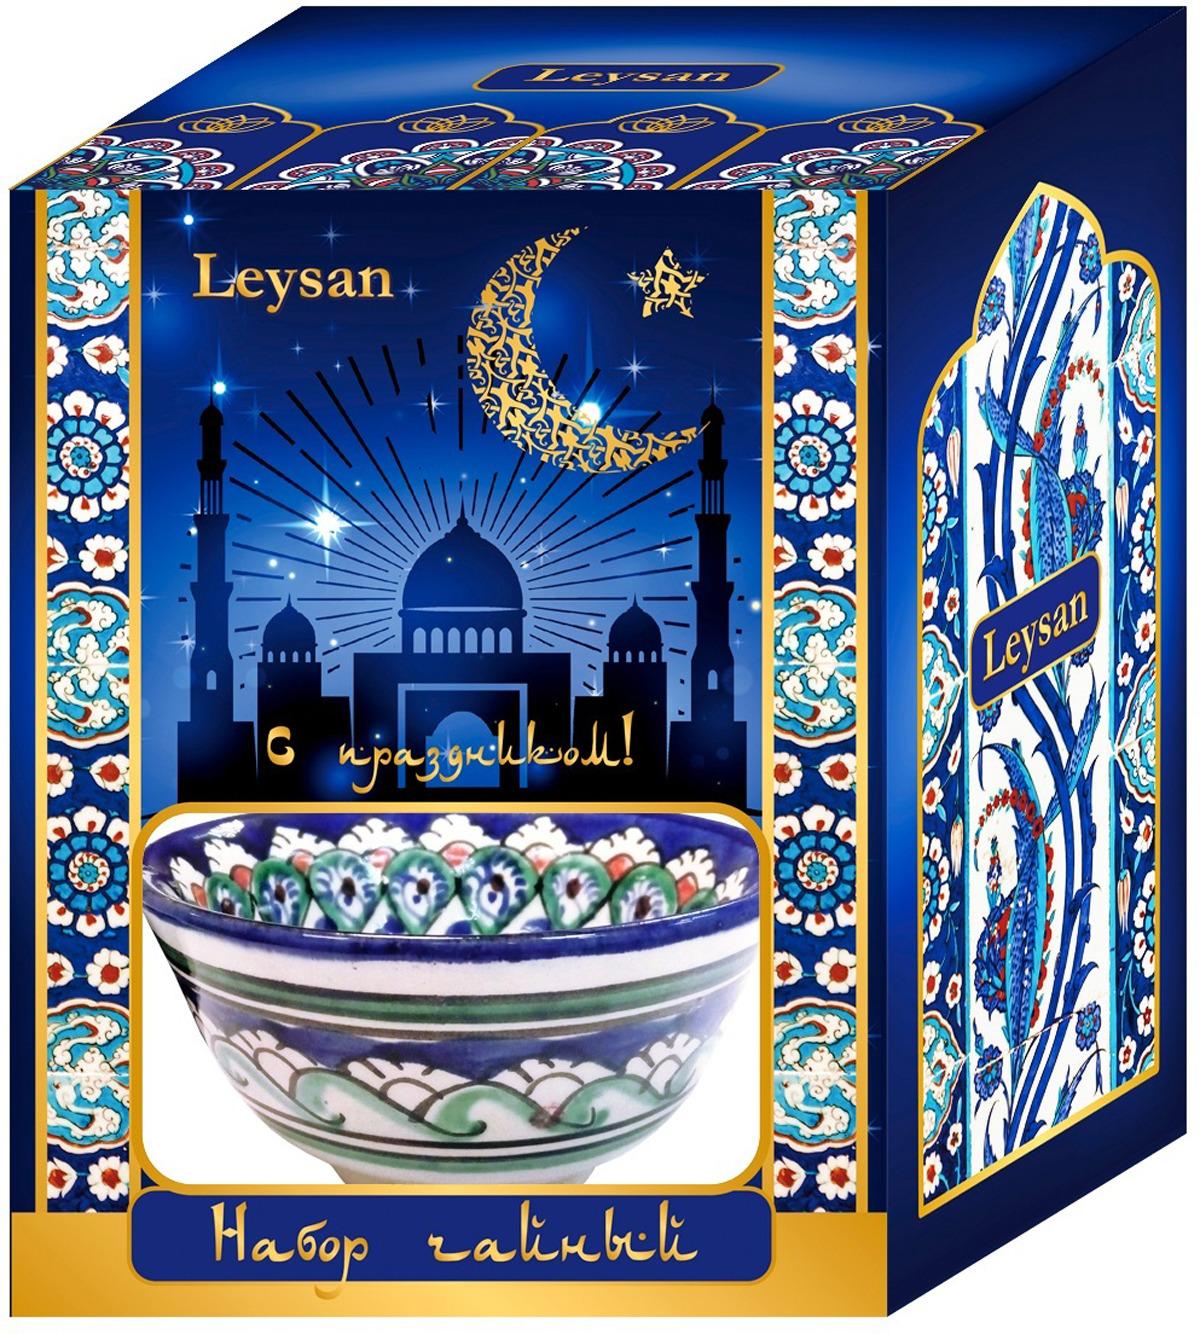 Подарочный набор Leysan Восточный чай клубника со сливками, пиала, 30 г футболка узбекистан